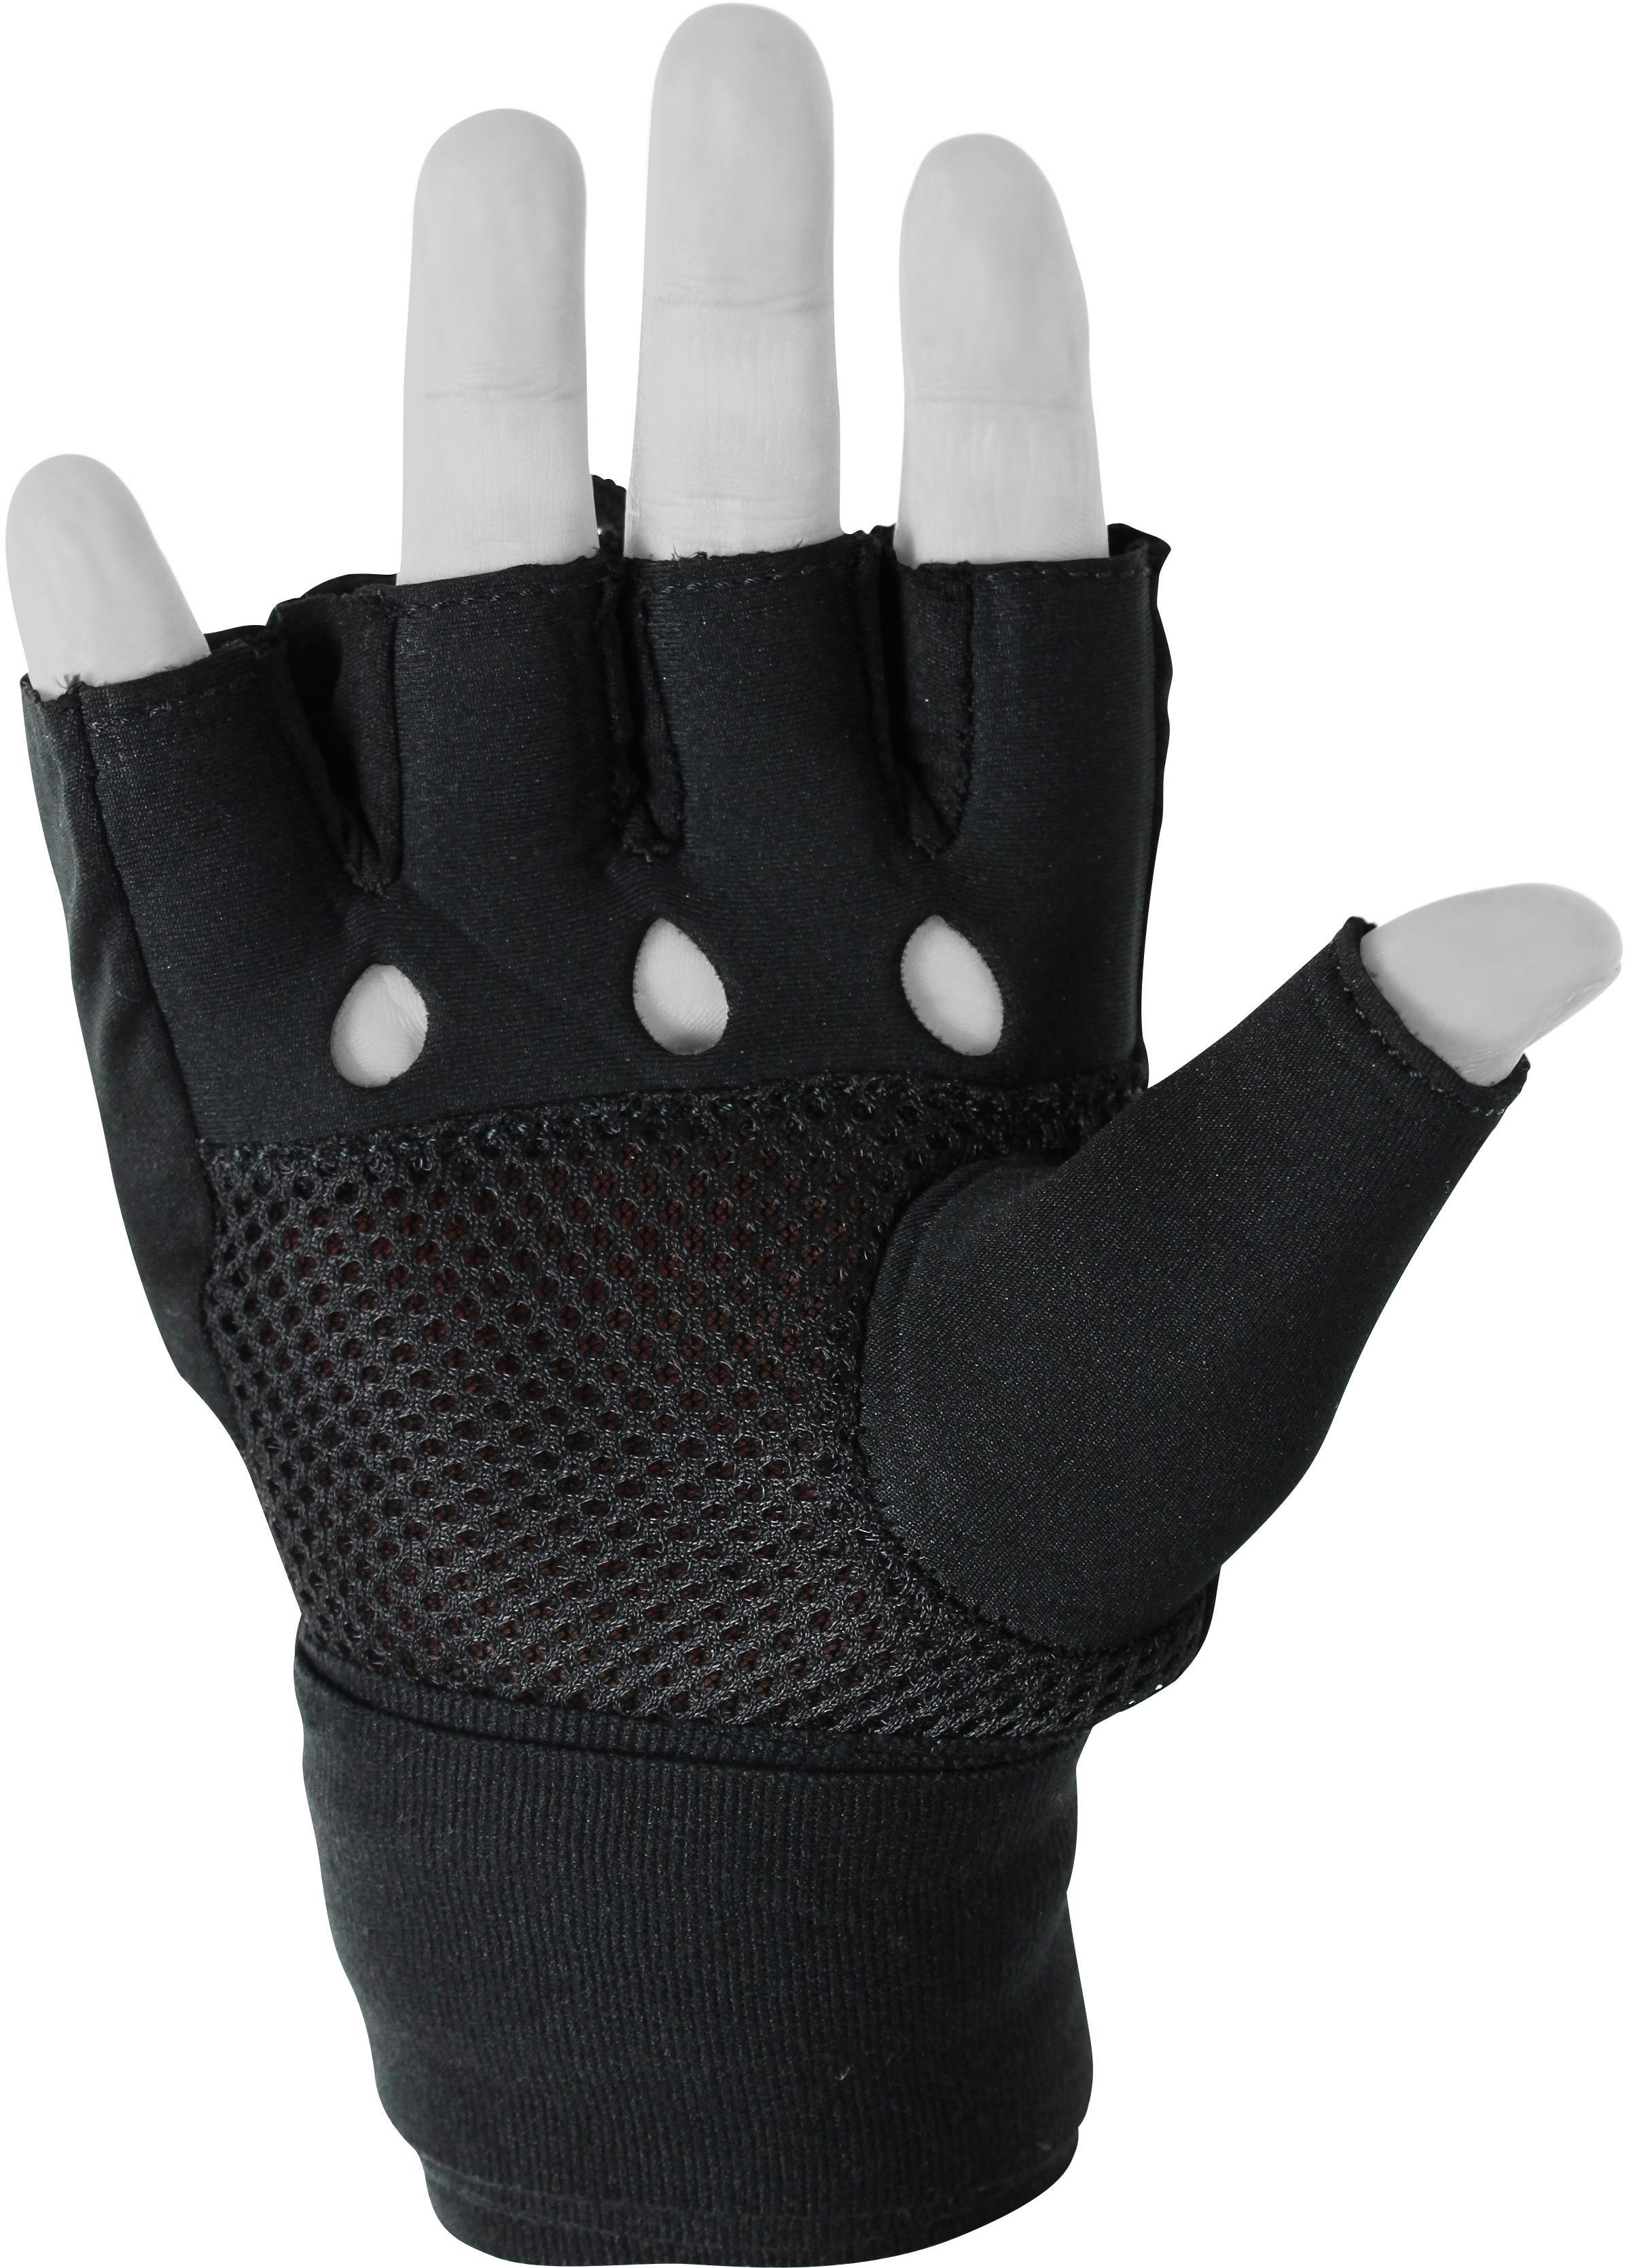 6122c6d18042c8 adidas Performance Punch-Handschuhe Speed Quick Wrap Glove Technik &  Freizeit/Sport & Freizeit/Sportausrüstung ...